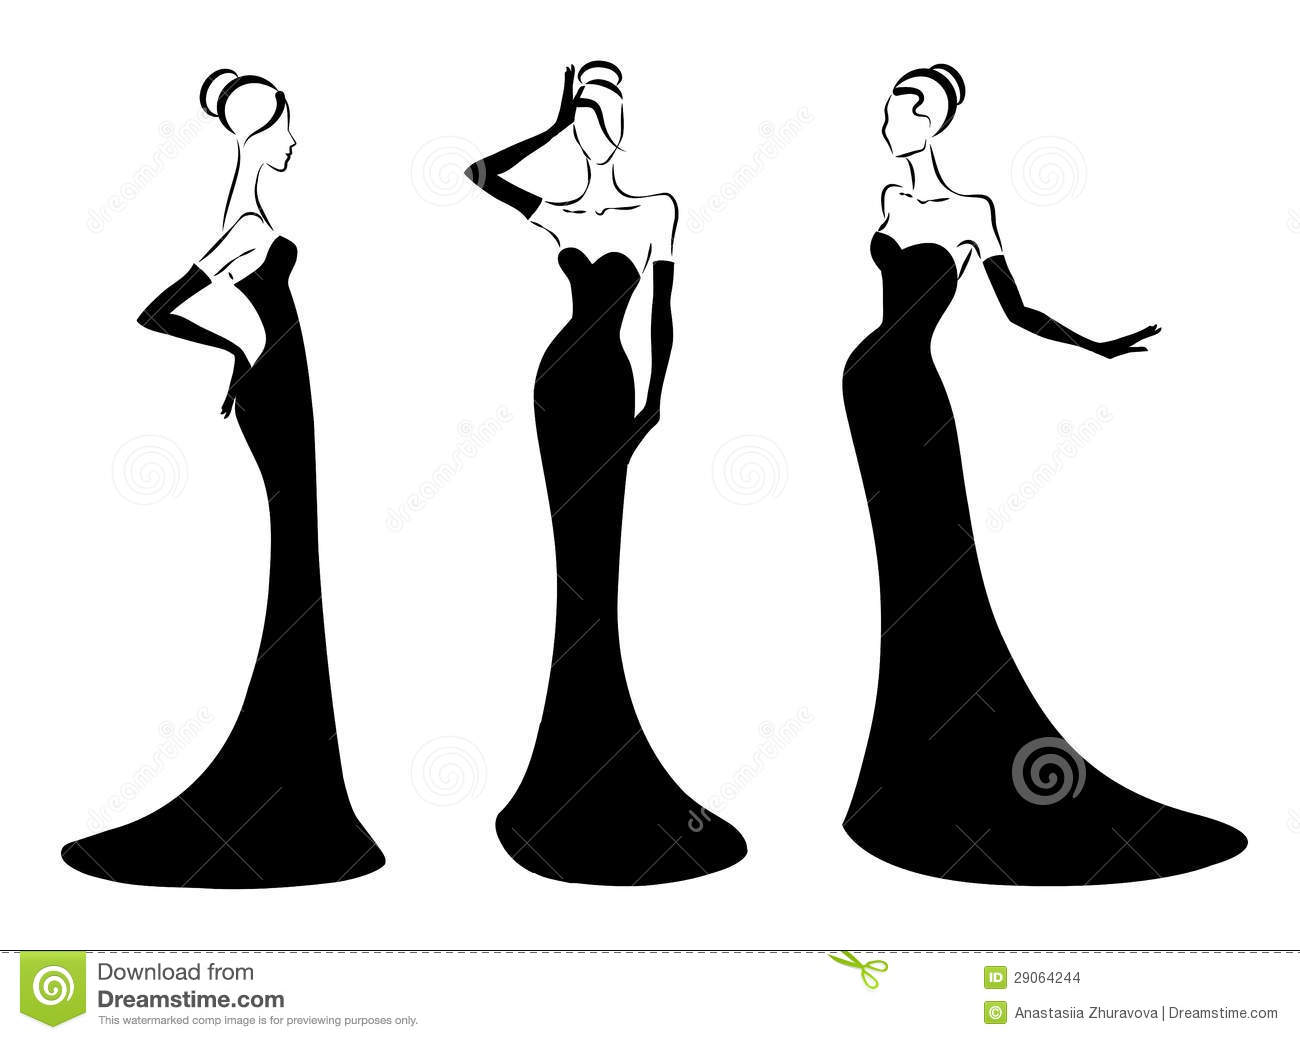 Elegant girl clipart black and white library Elegant girl clipart - ClipartFest black and white library